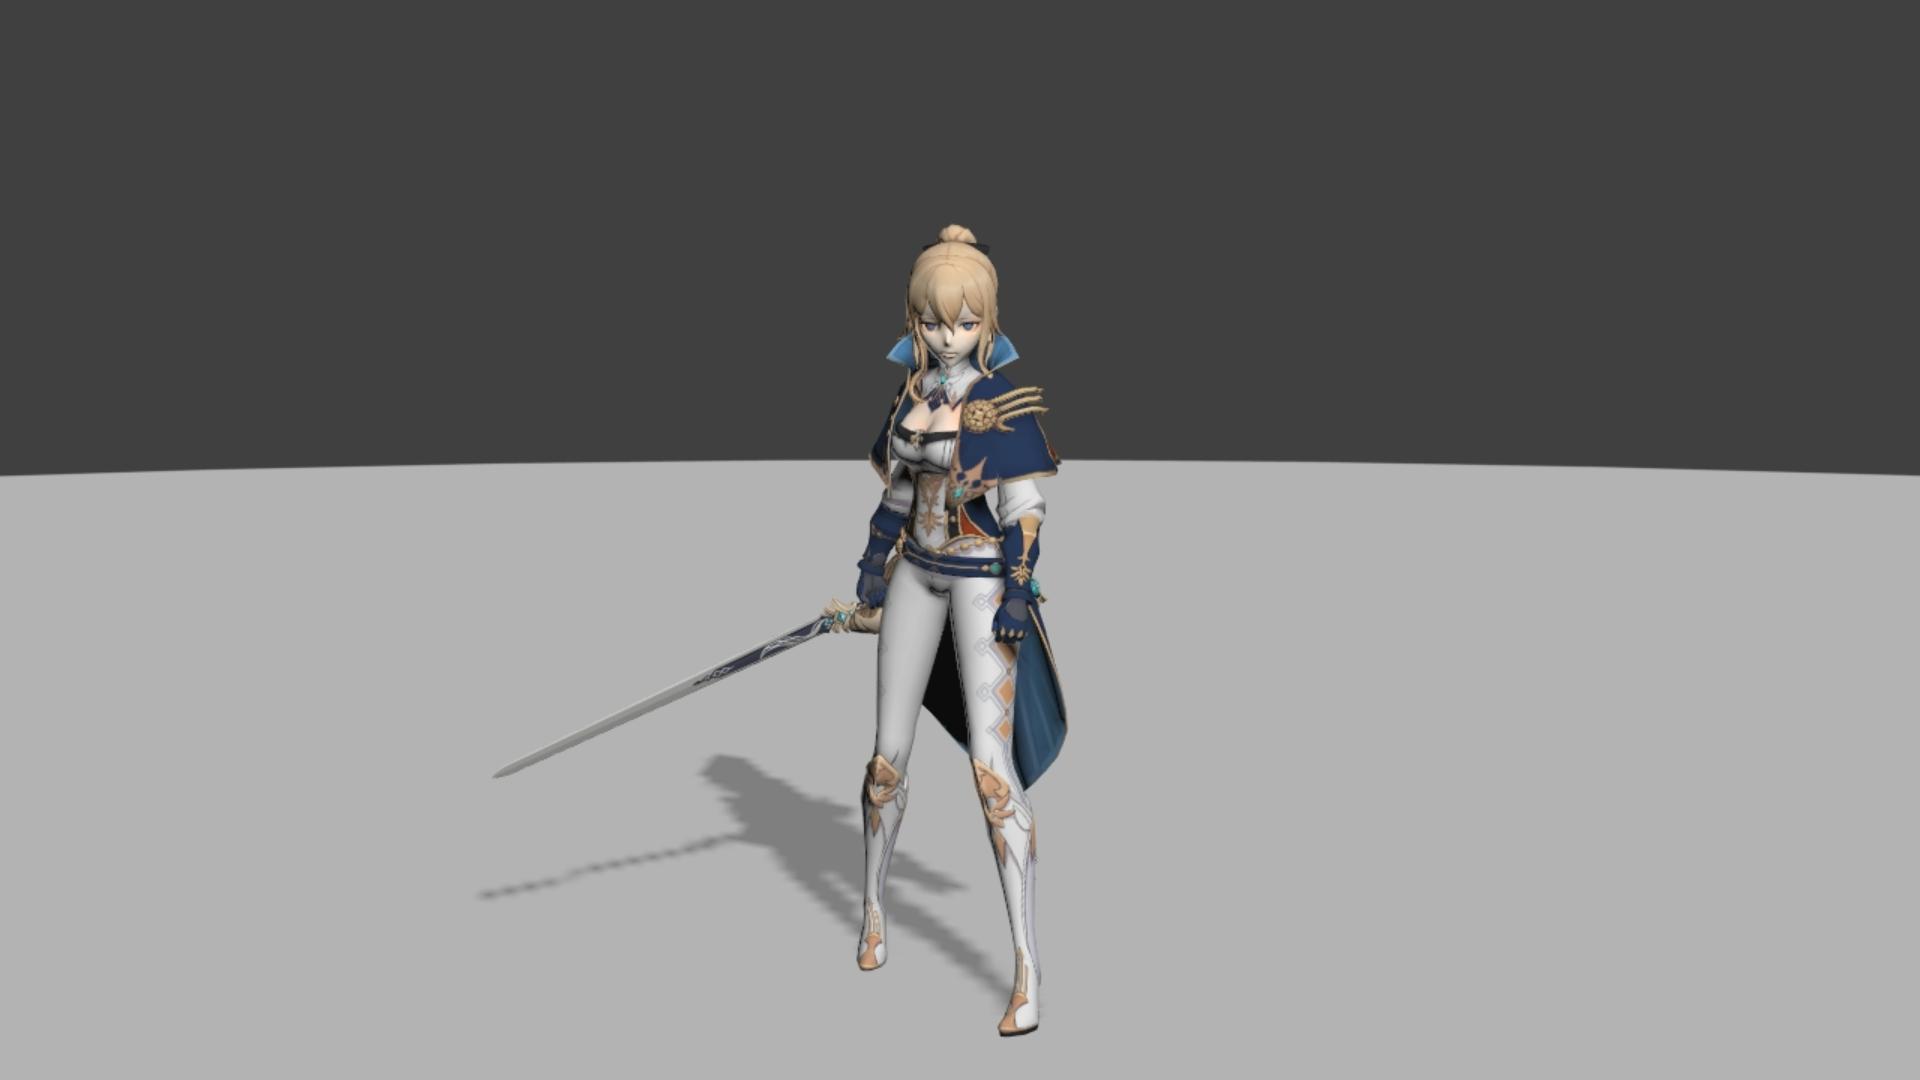 3D 키 애니메이션 포트폴리오 04